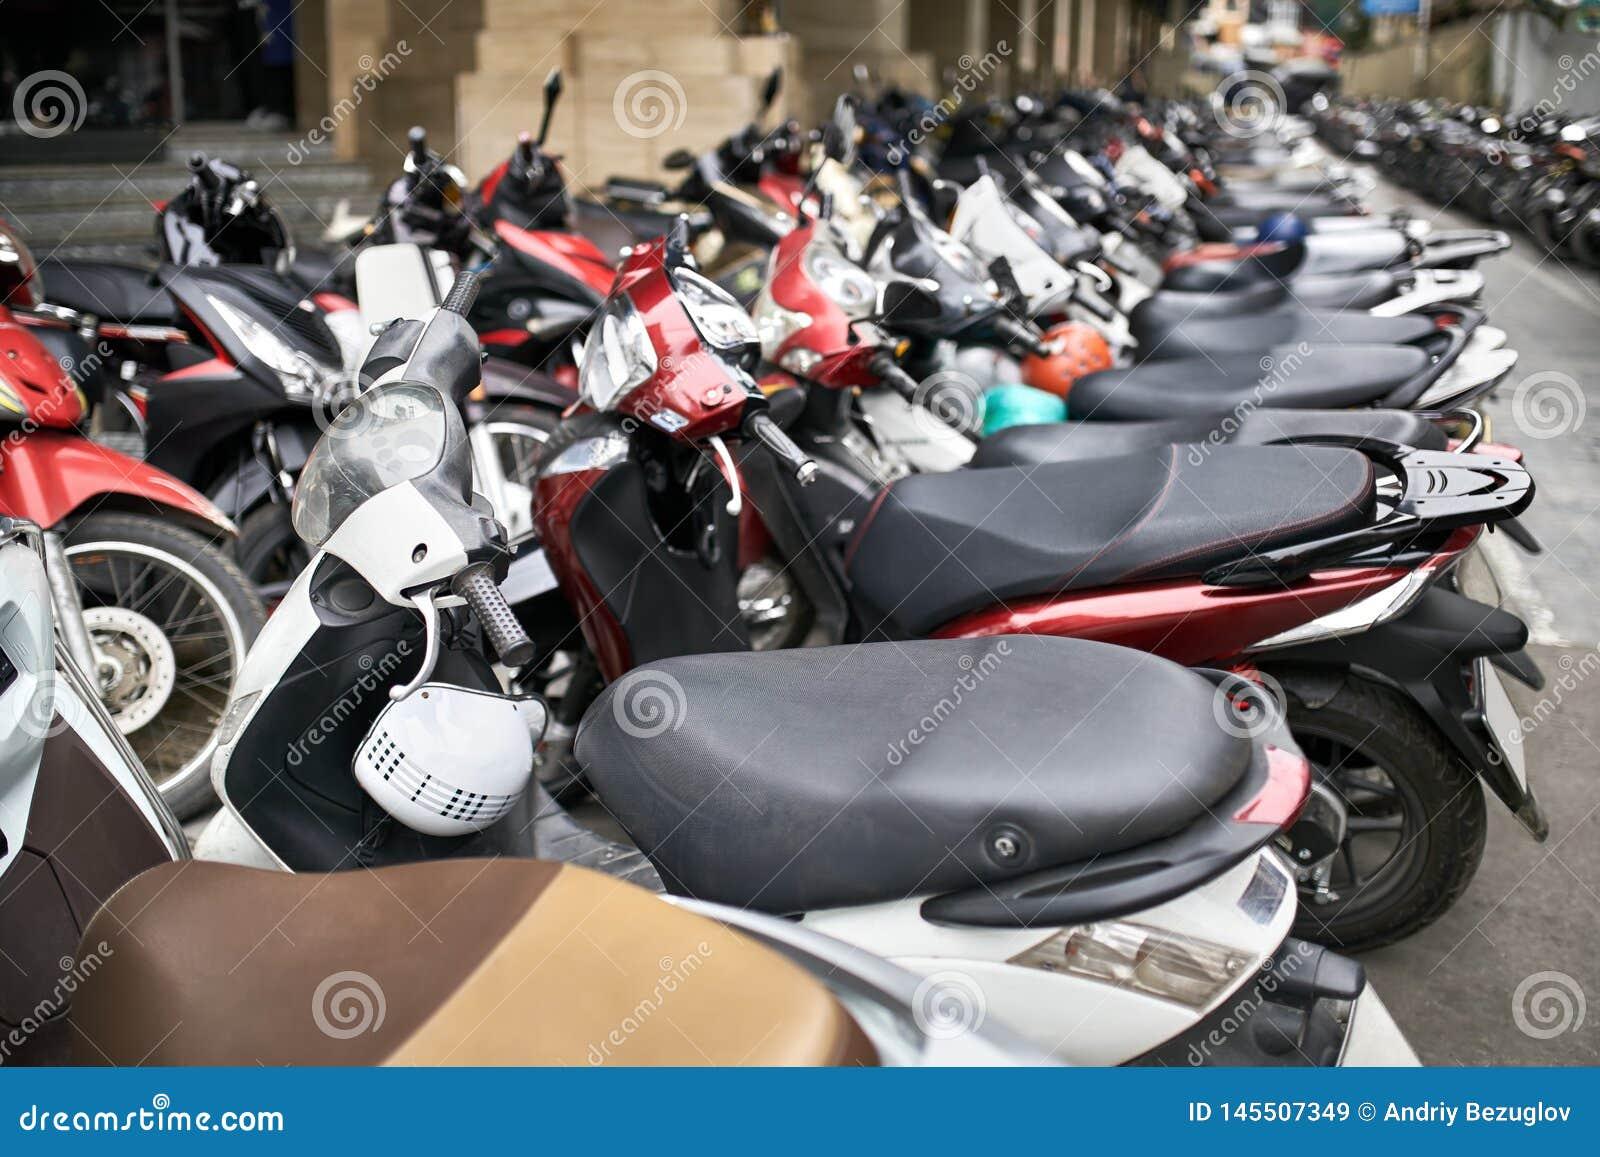 Rua da cidade com lote de motocicletas estacionadas na luz do dia